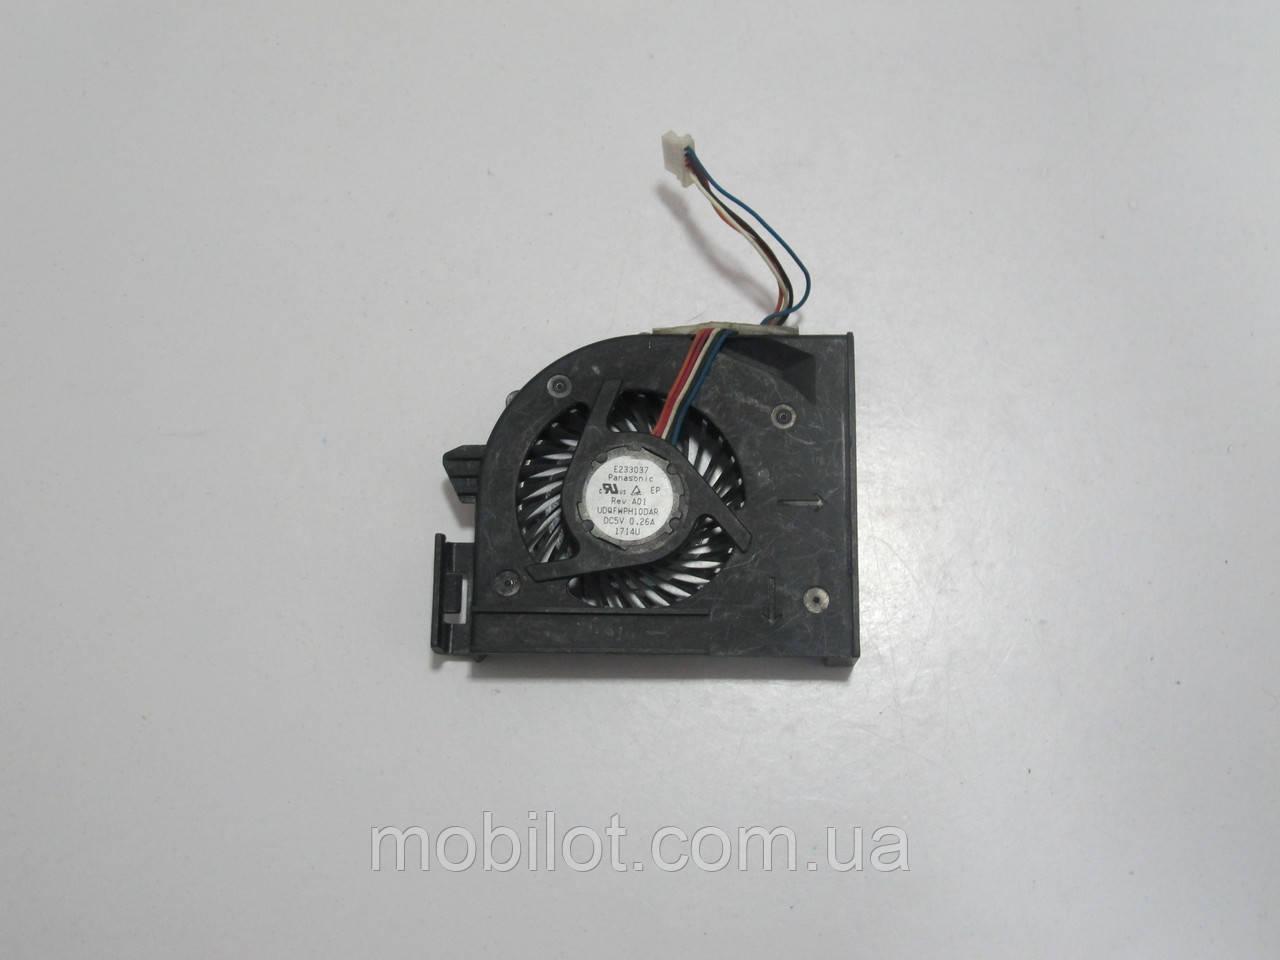 Система охлаждения (кулер) Lenovo E420/ E425 (NZ-5029)